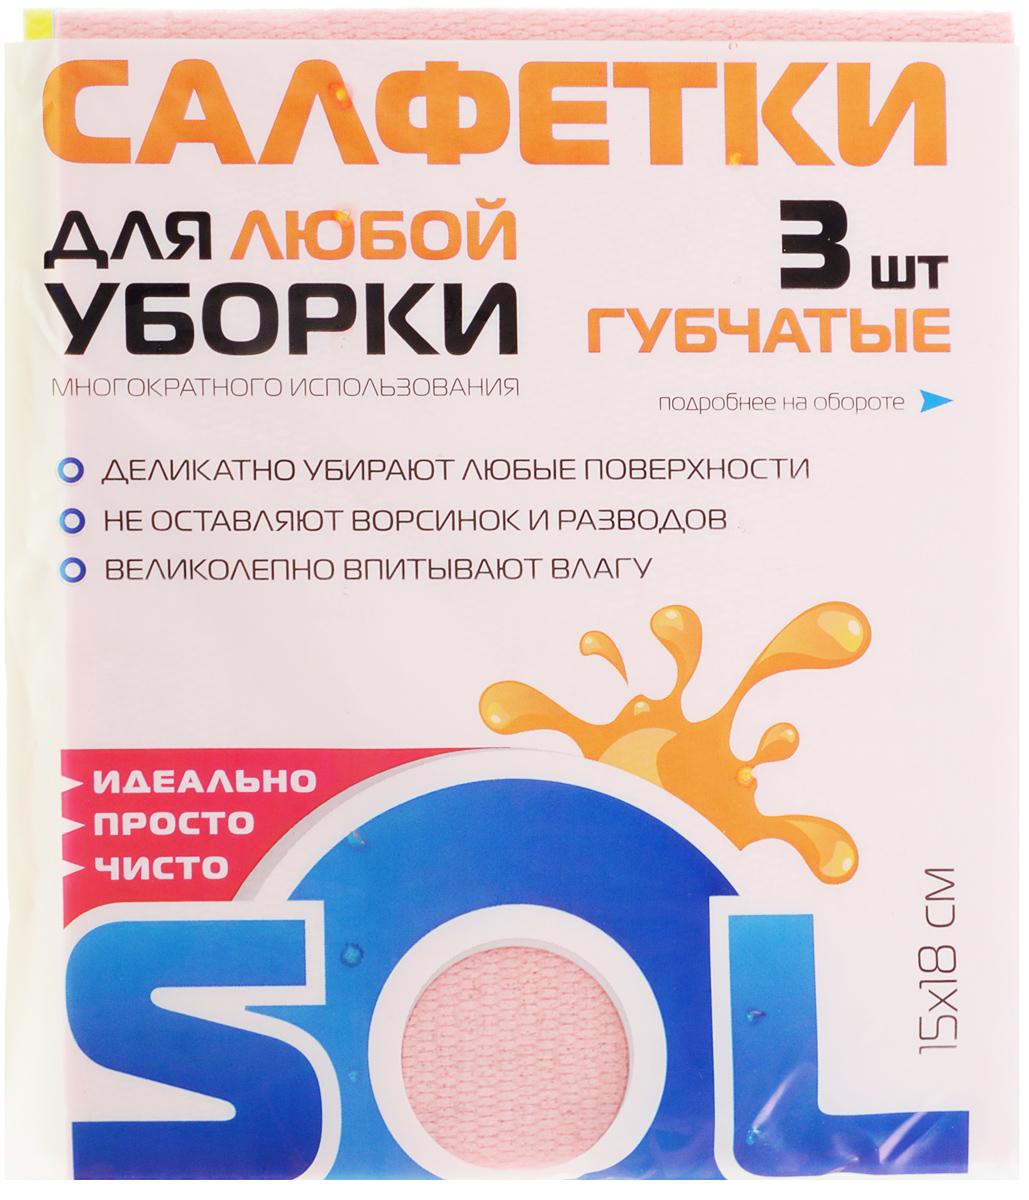 Салфетка Sol из целлюлозы, губчатая, 15 x 18 см, 3 шт10009/50798Салфетки Sol выполнены из целлюлозы с армированной хлопковой нитью. Изделия впитывают влагу в несколько раз больше своего веса, благодаря плотной губчатой структуре. Во влажном состоянии салфетки мягкие и эластичные, при высыхании твердеет, что препятствует размножению бактерий и возникновению неприятных запахов. Рекомендации по применению и уходу: Перед использованием намочить в воде и отжать. Можно применять с различными моющими средствами. Возможна многократная стирка. Хранить в сухом месте, вдали от отопительных приборов и агрессивных сред. Беречь от воздействия прямого солнечного света.